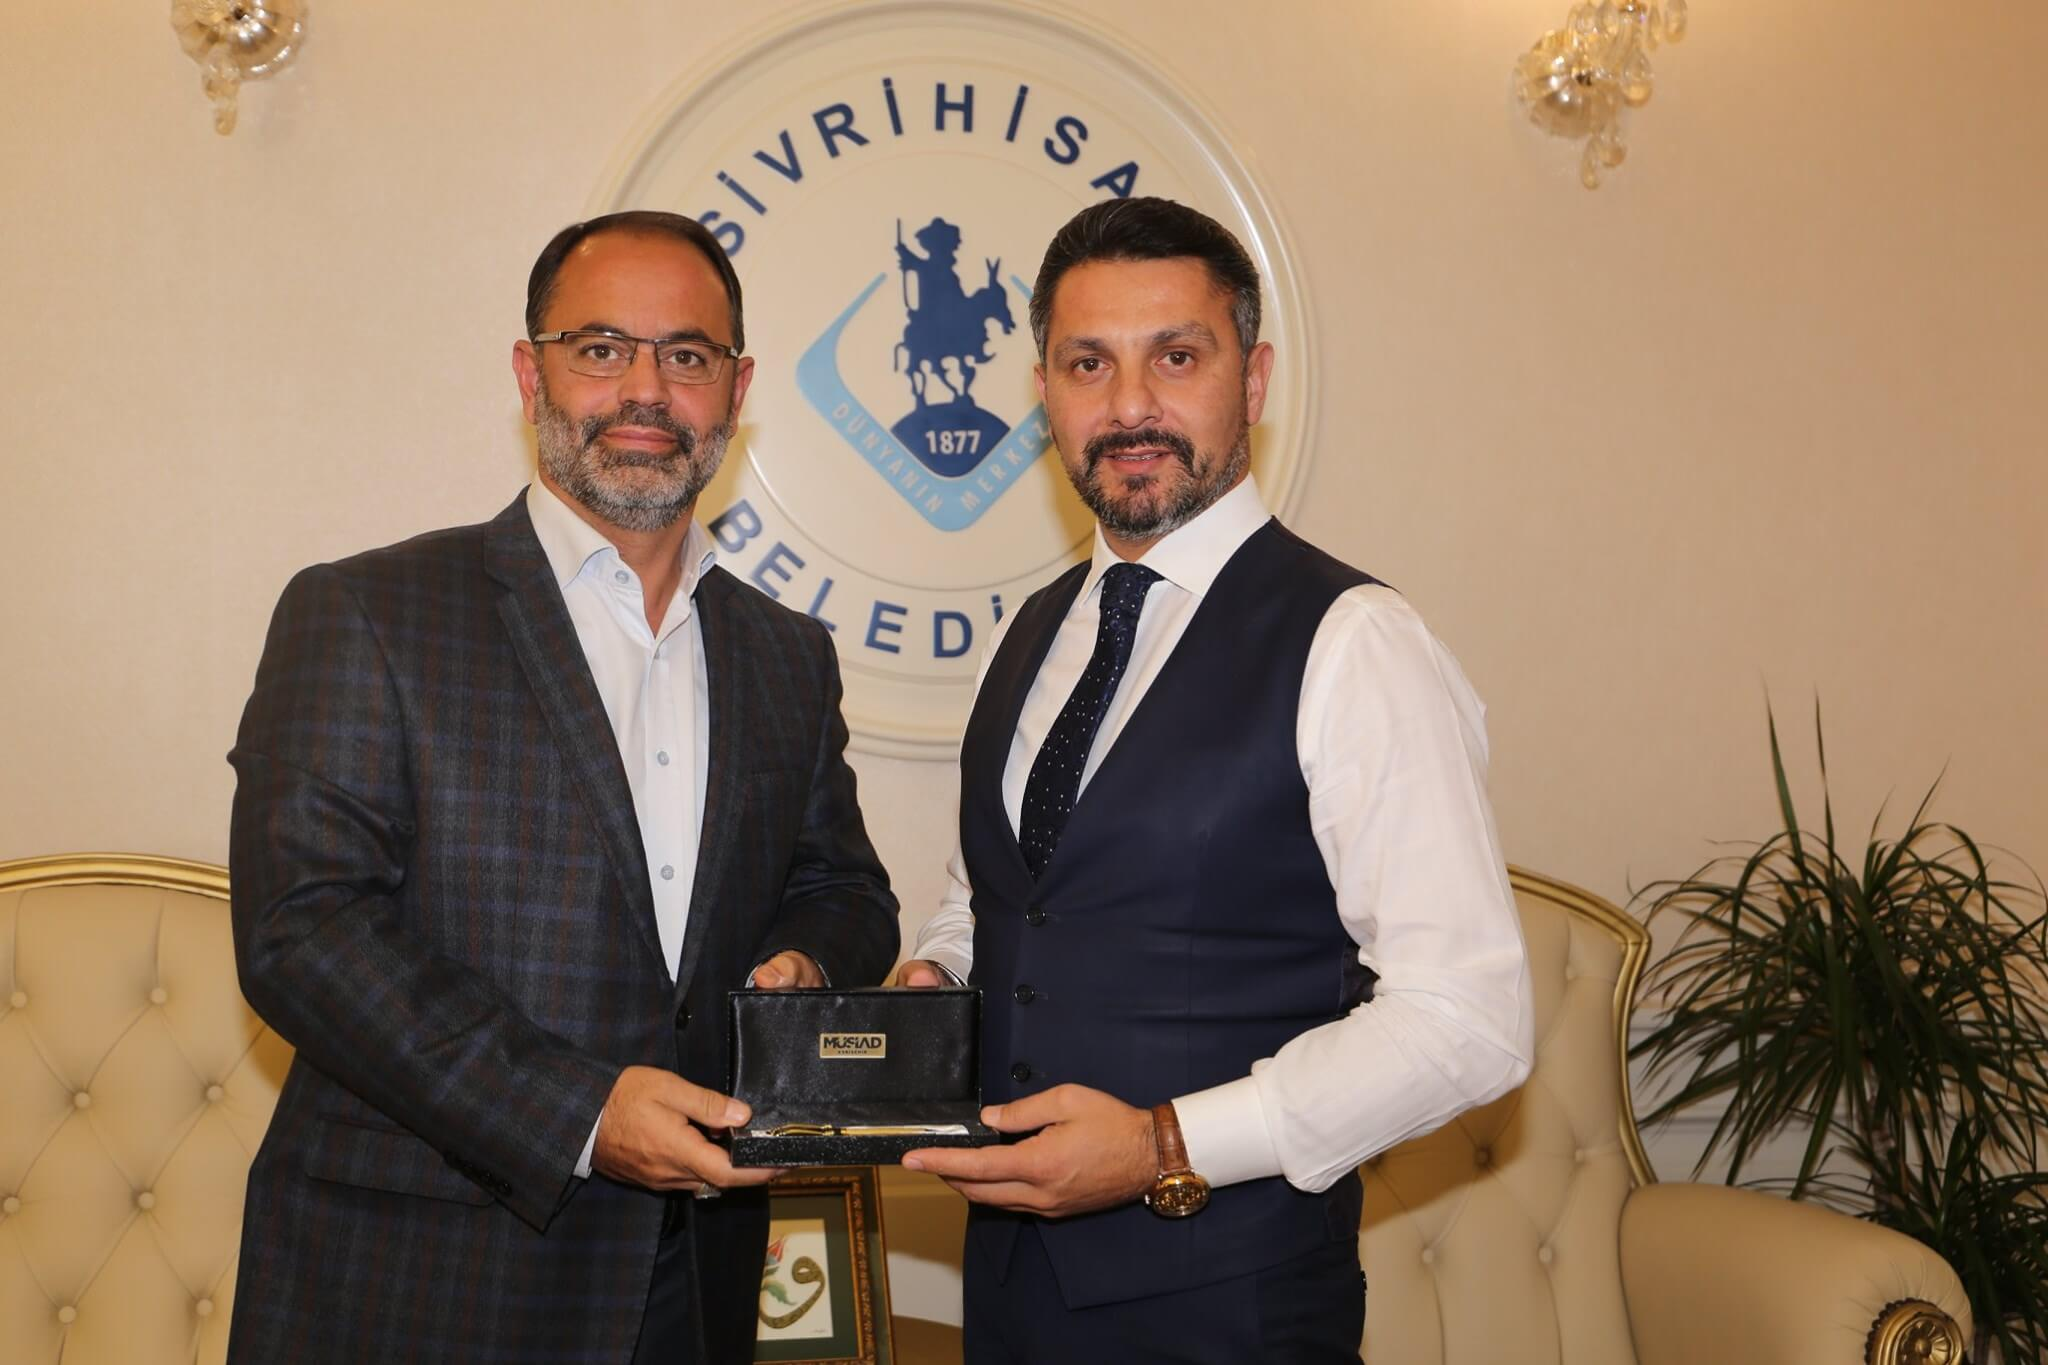 MÜSİAD Eskişehir Şube Başkanı Sayın Hakan DUMAN'a ve Değerli Yönetim Kuruluna Nazik Ziyaretleri Dolayısıyla Teşekkürlerimi Sunarım